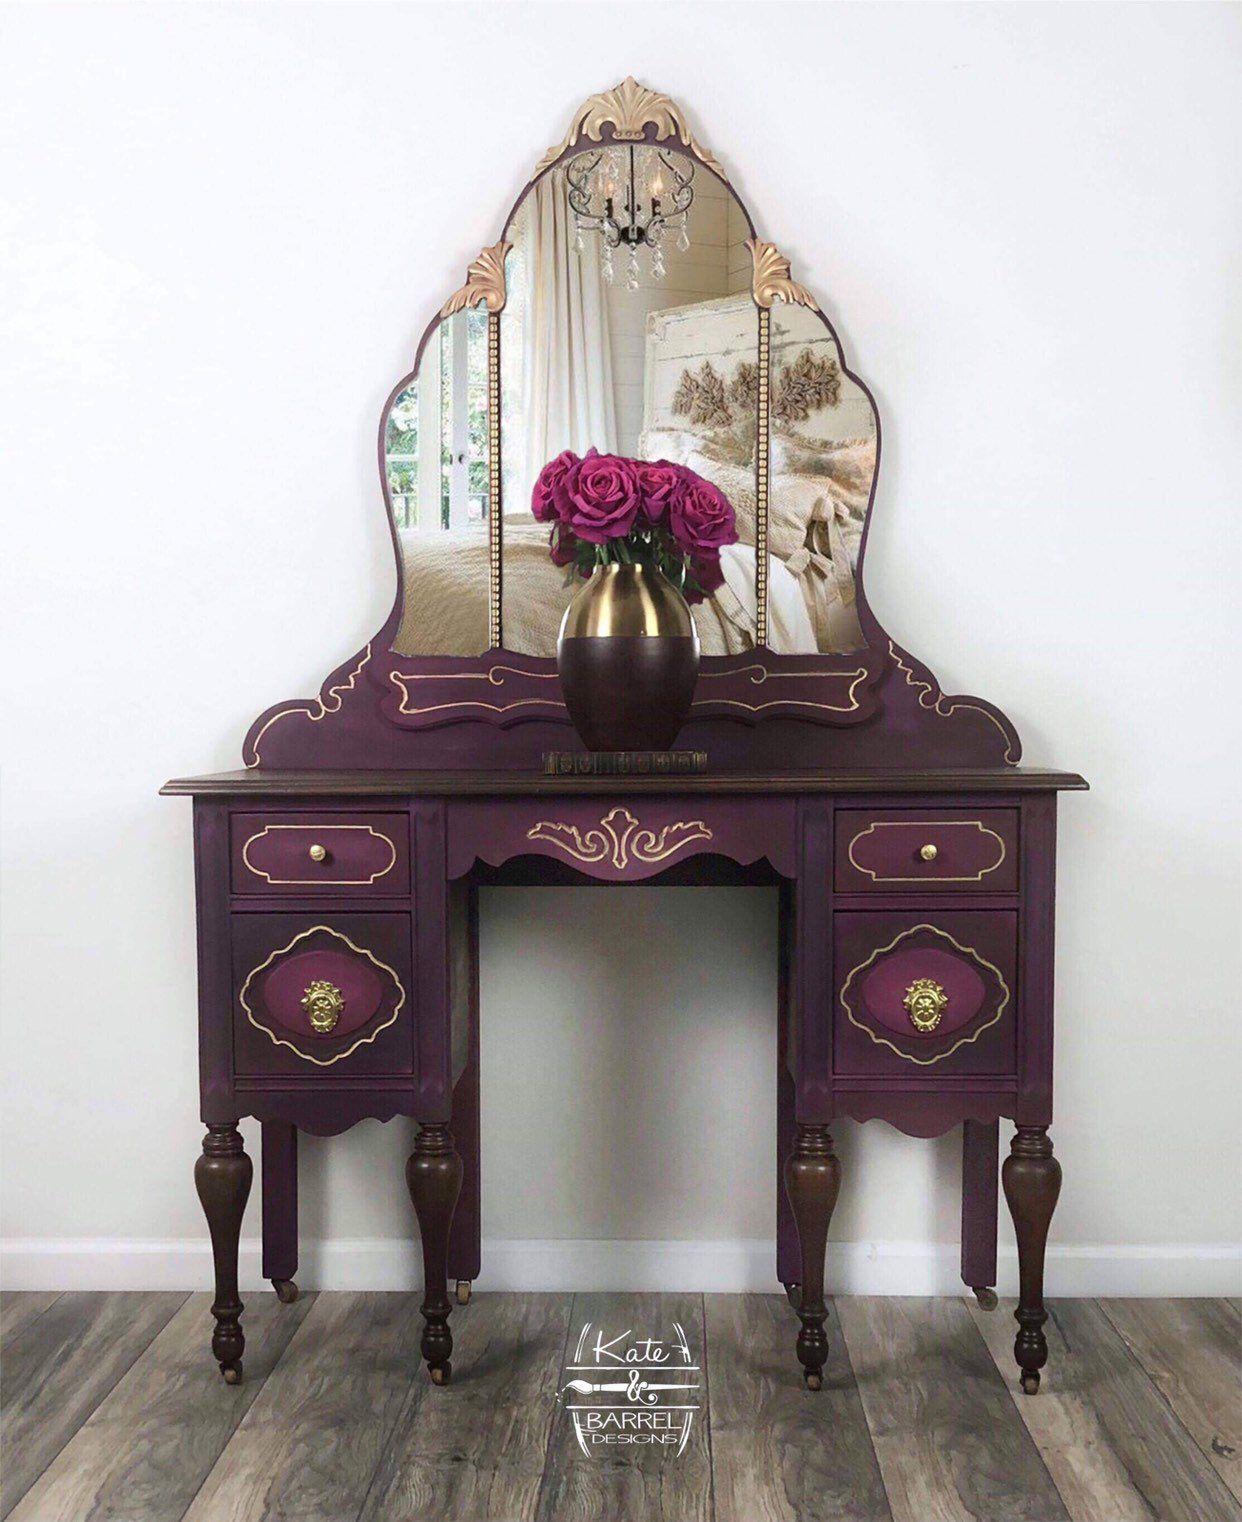 Vintage Makeup Vanity In Merlot Purple And Gold Makeup Vanity Decor Vanity Decor Vintage Makeup Vanities